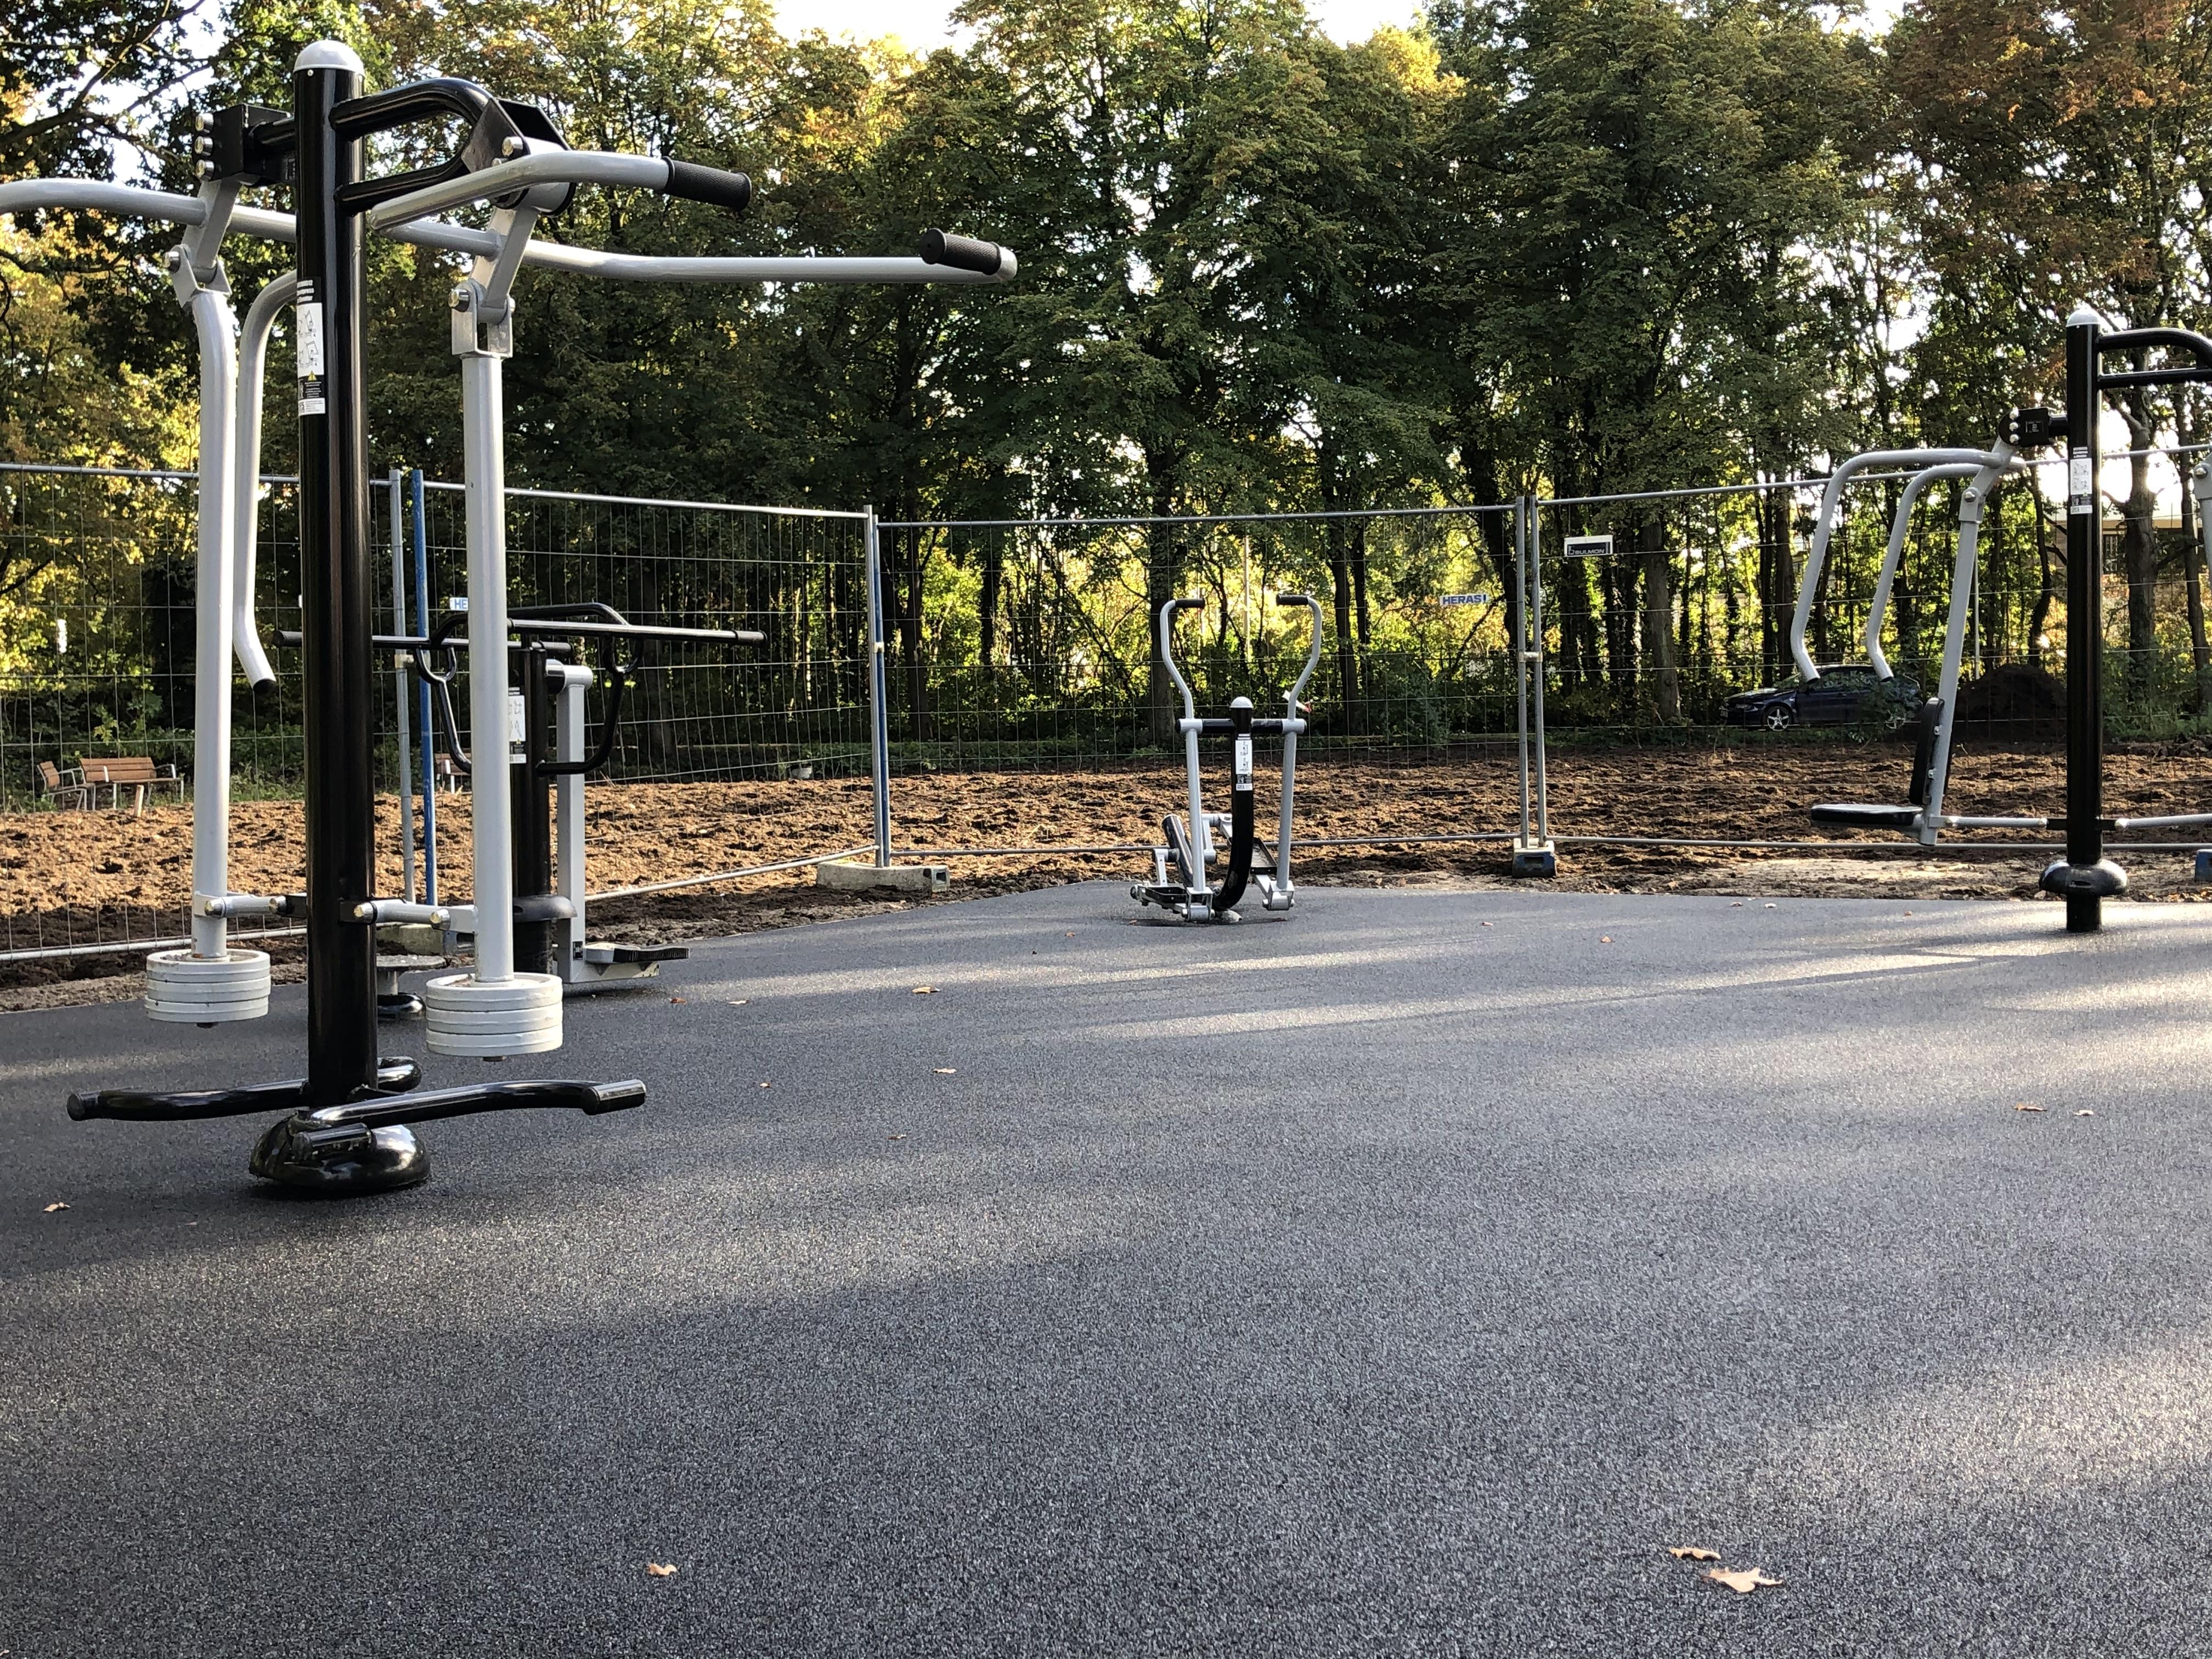 Ledeberg (park)